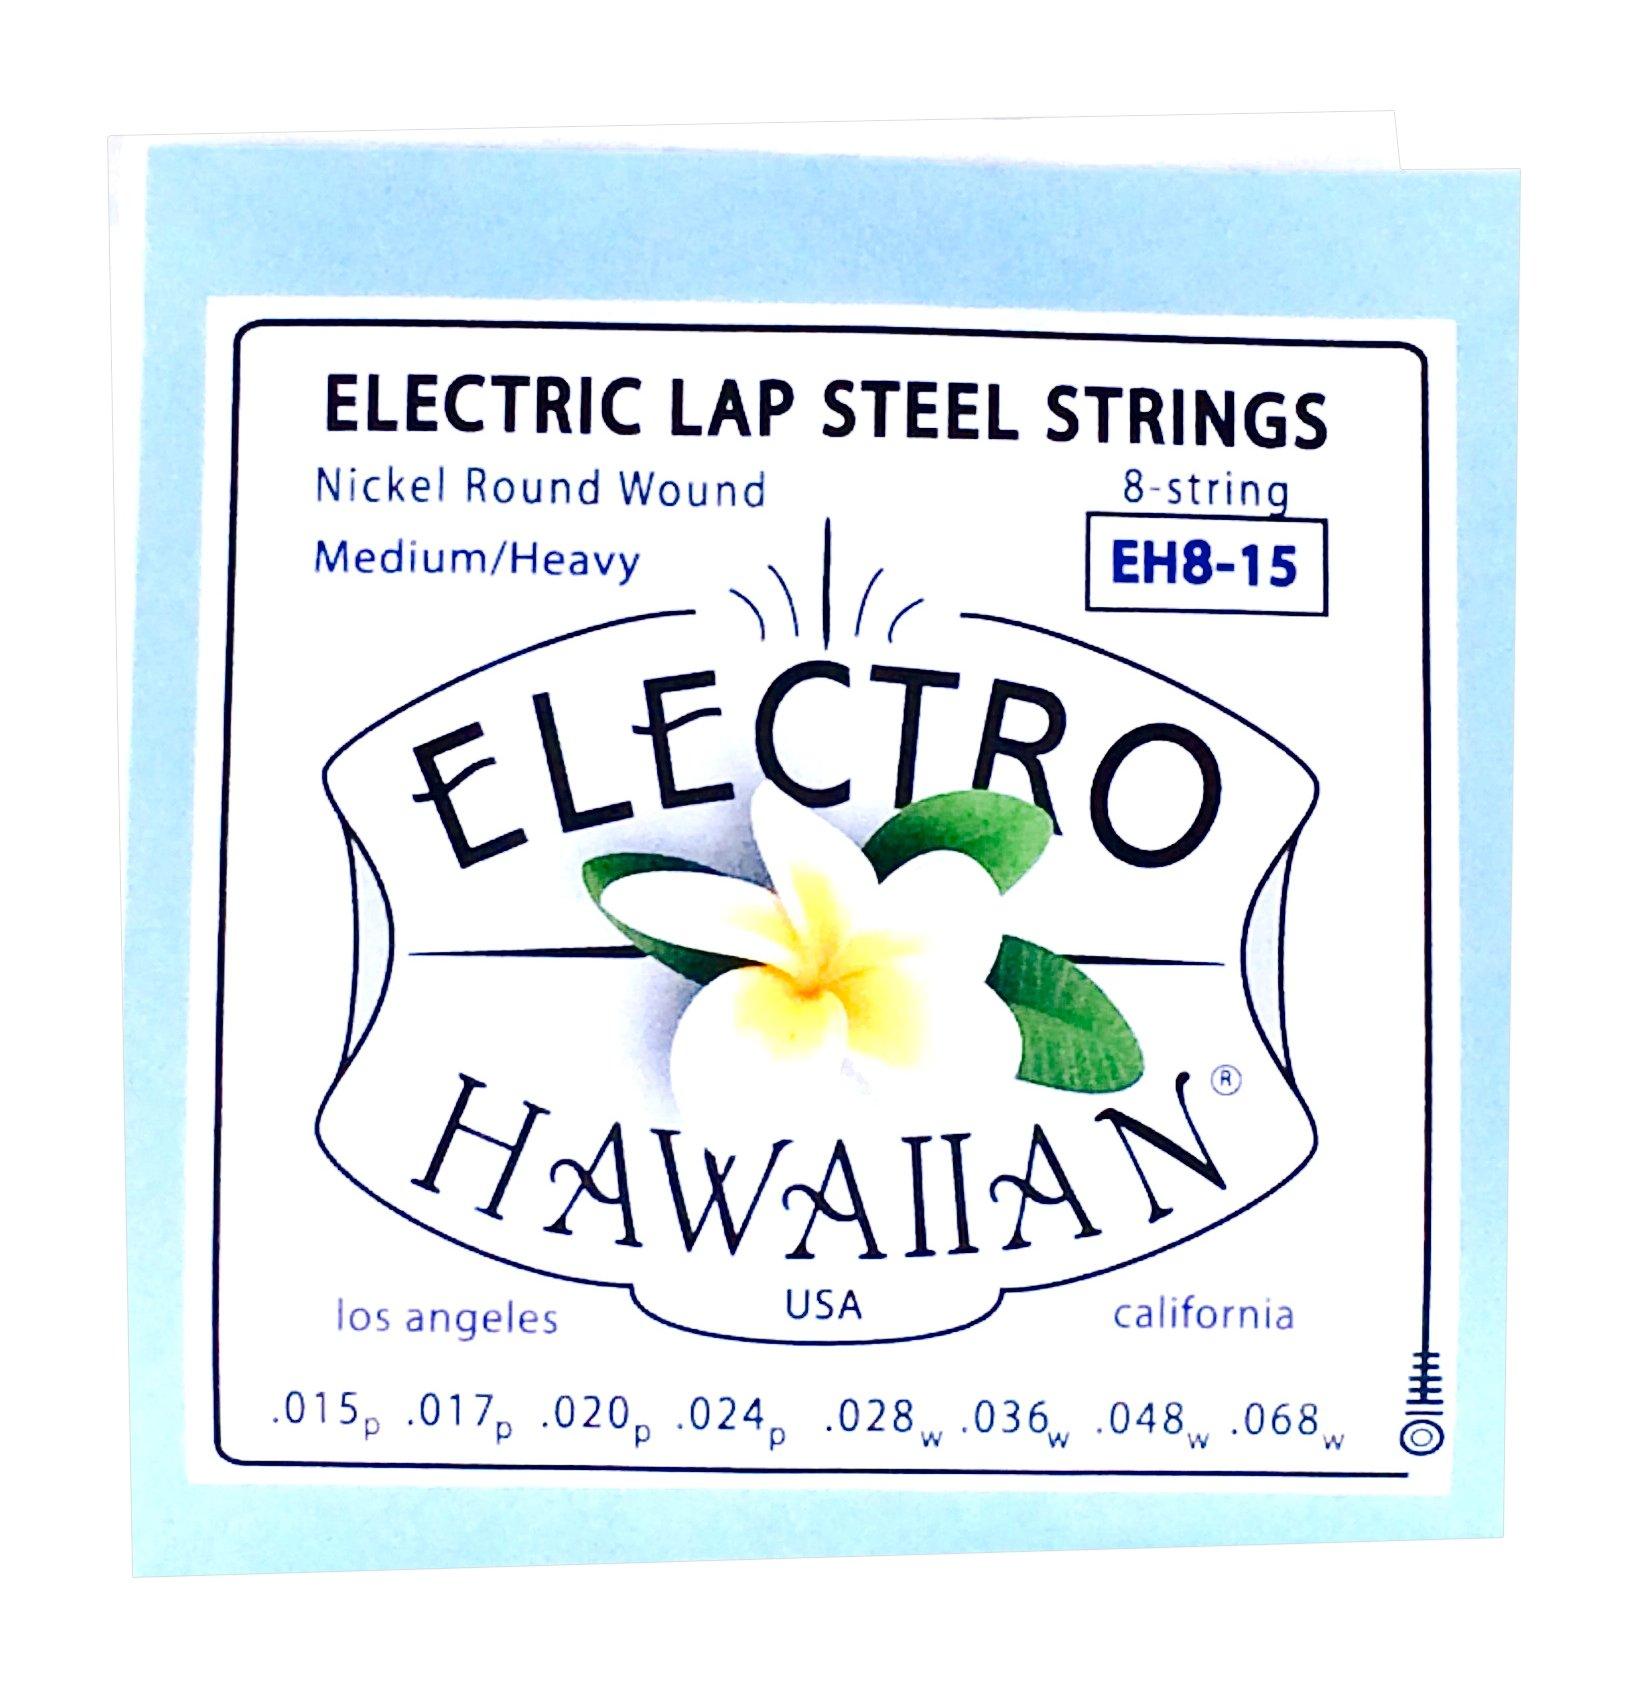 Asher Electro Hawaiian Lap Steel Strings Single Set for 8-String by Asher Electro Hawaiian Lap Steel Strings